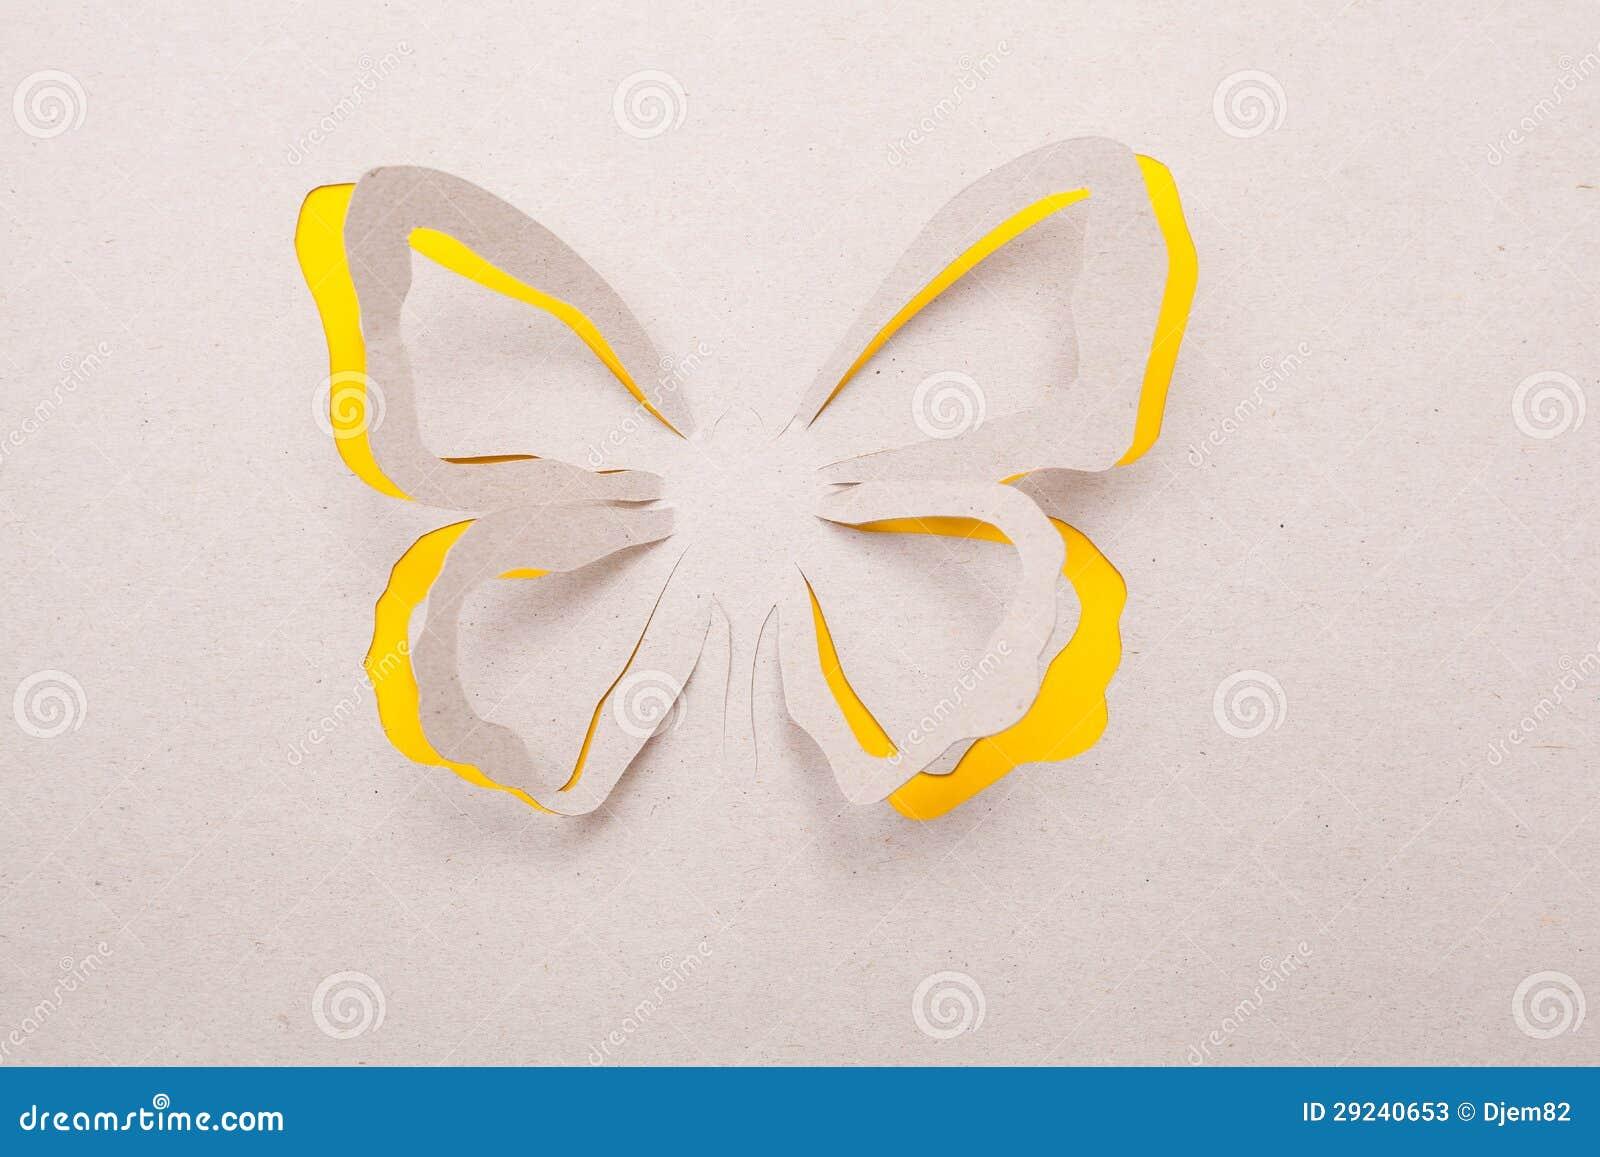 Download Borboleta de Origami imagem de stock. Imagem de verde - 29240653